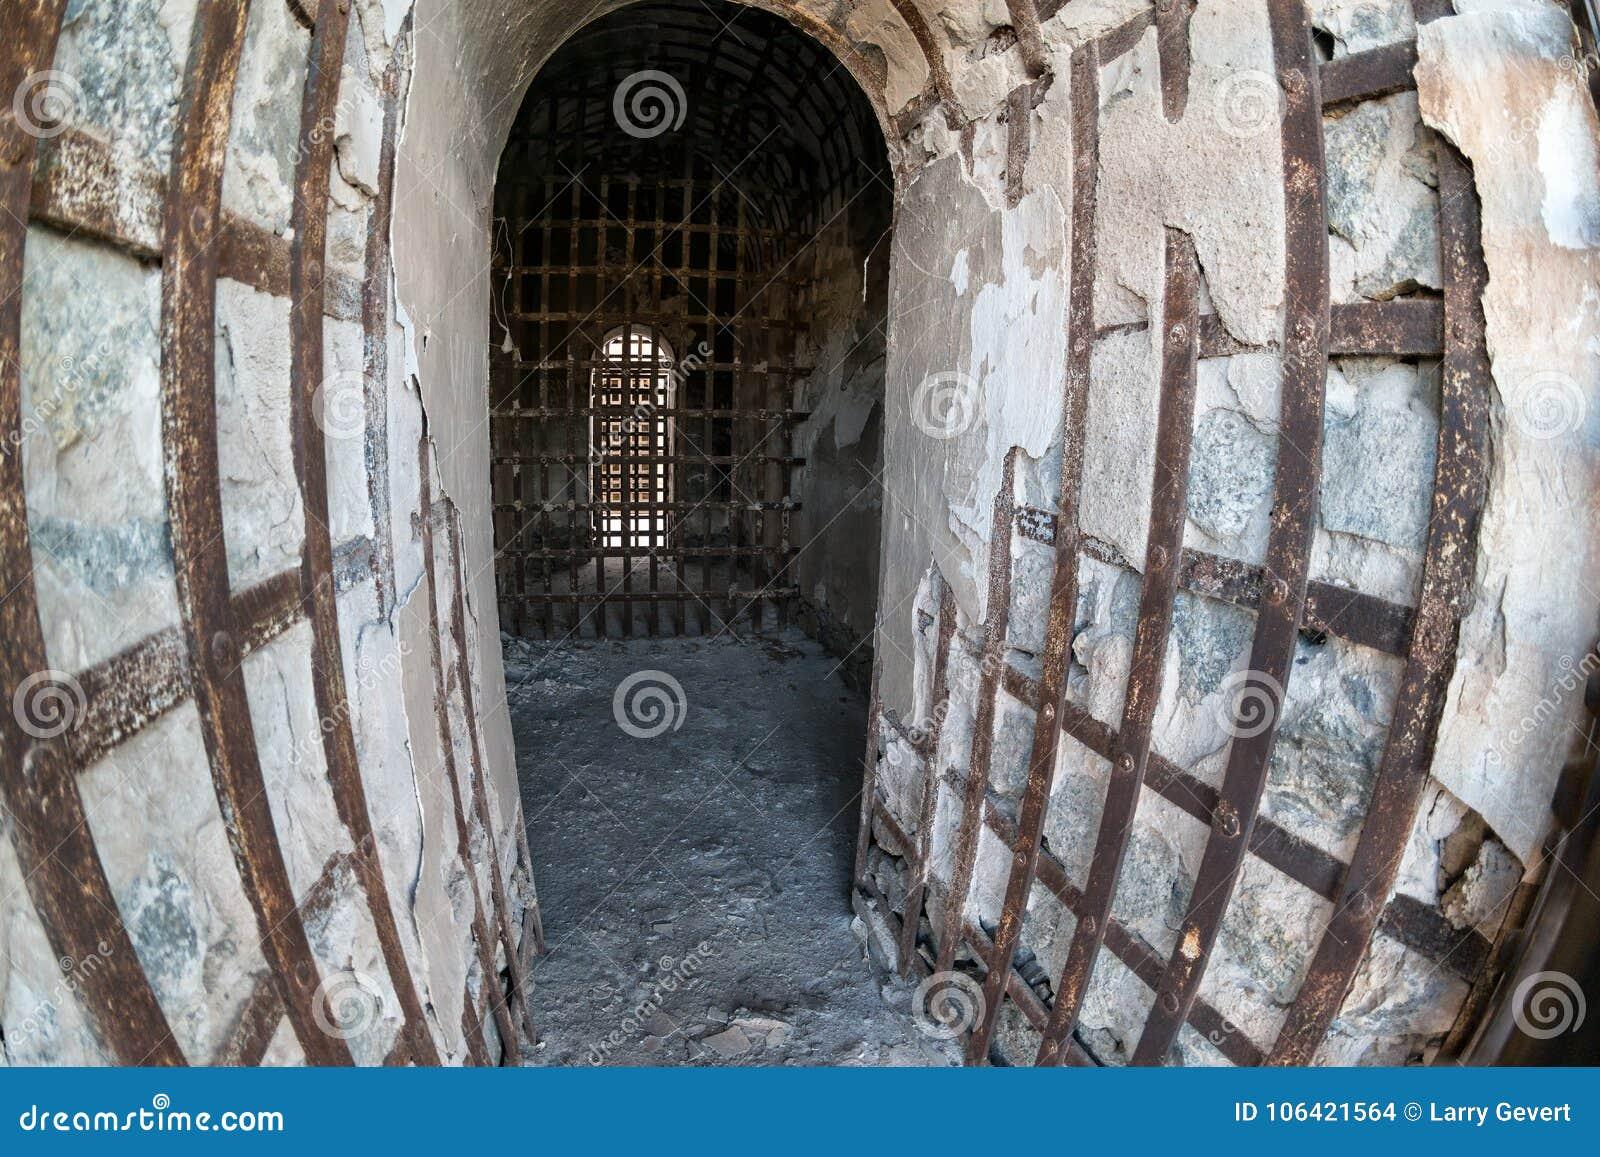 尤马领土监狱、钢棍和混凝土